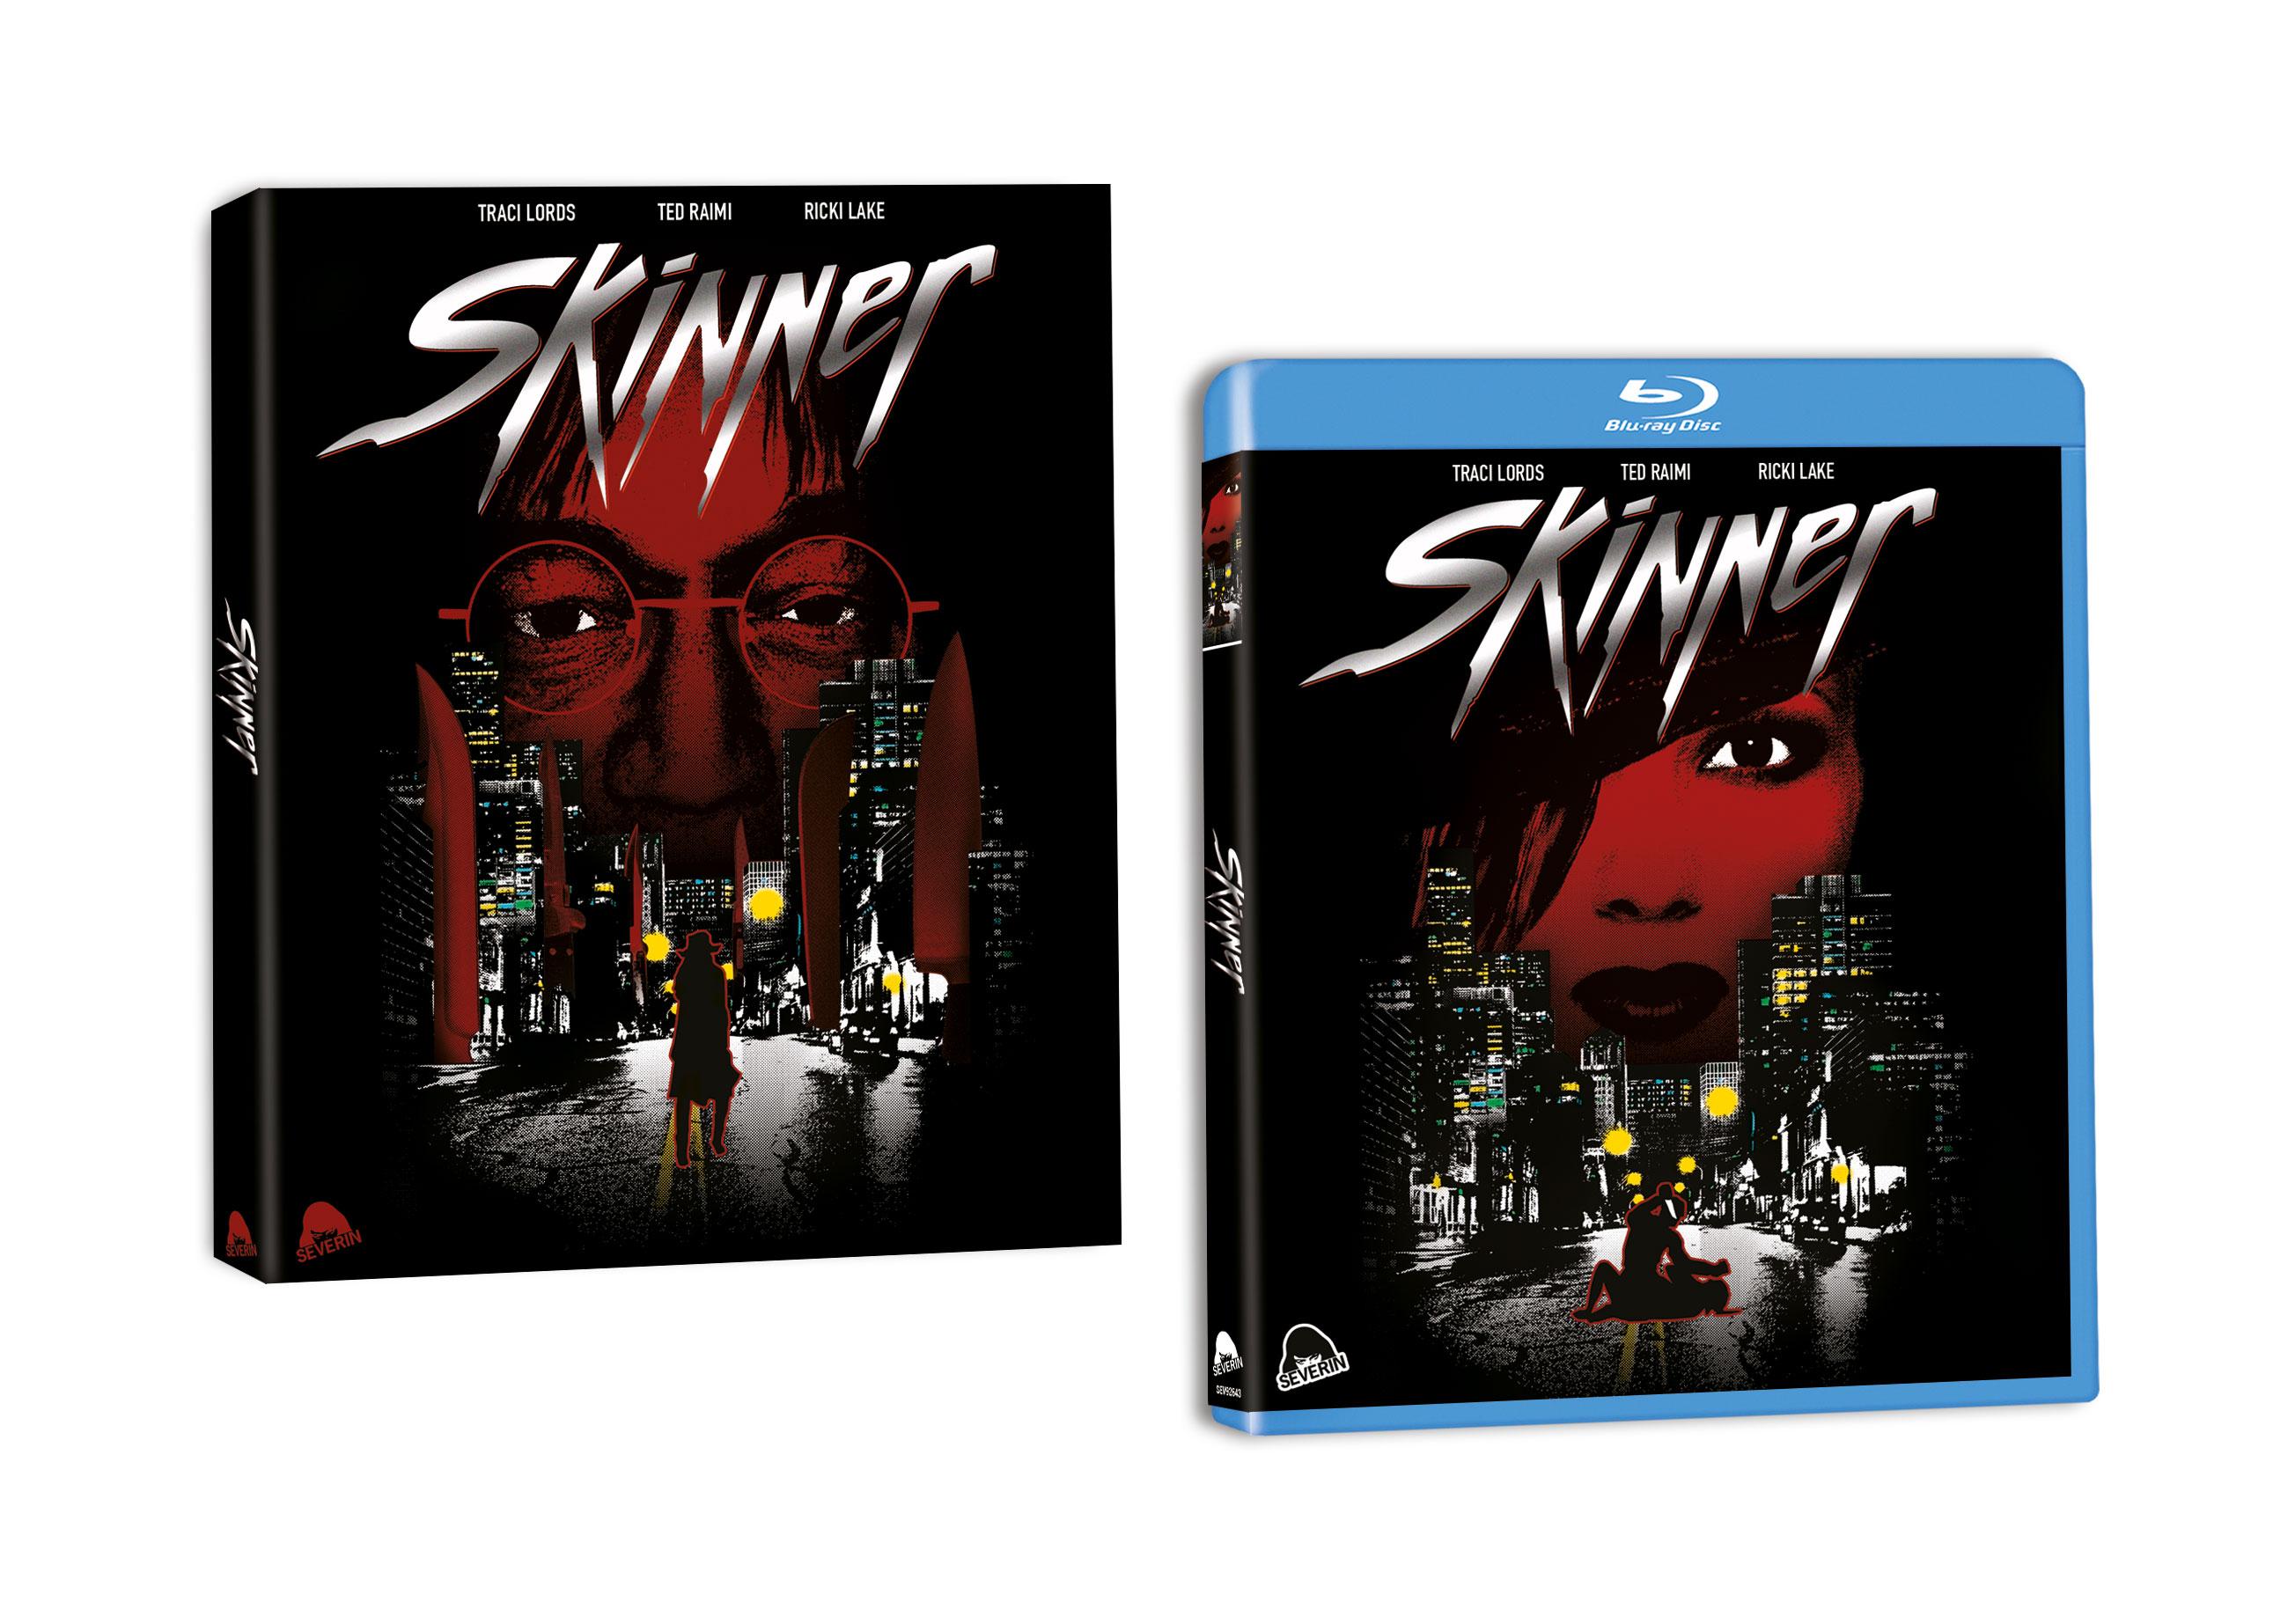 Skinner_Slip-BLU_3D